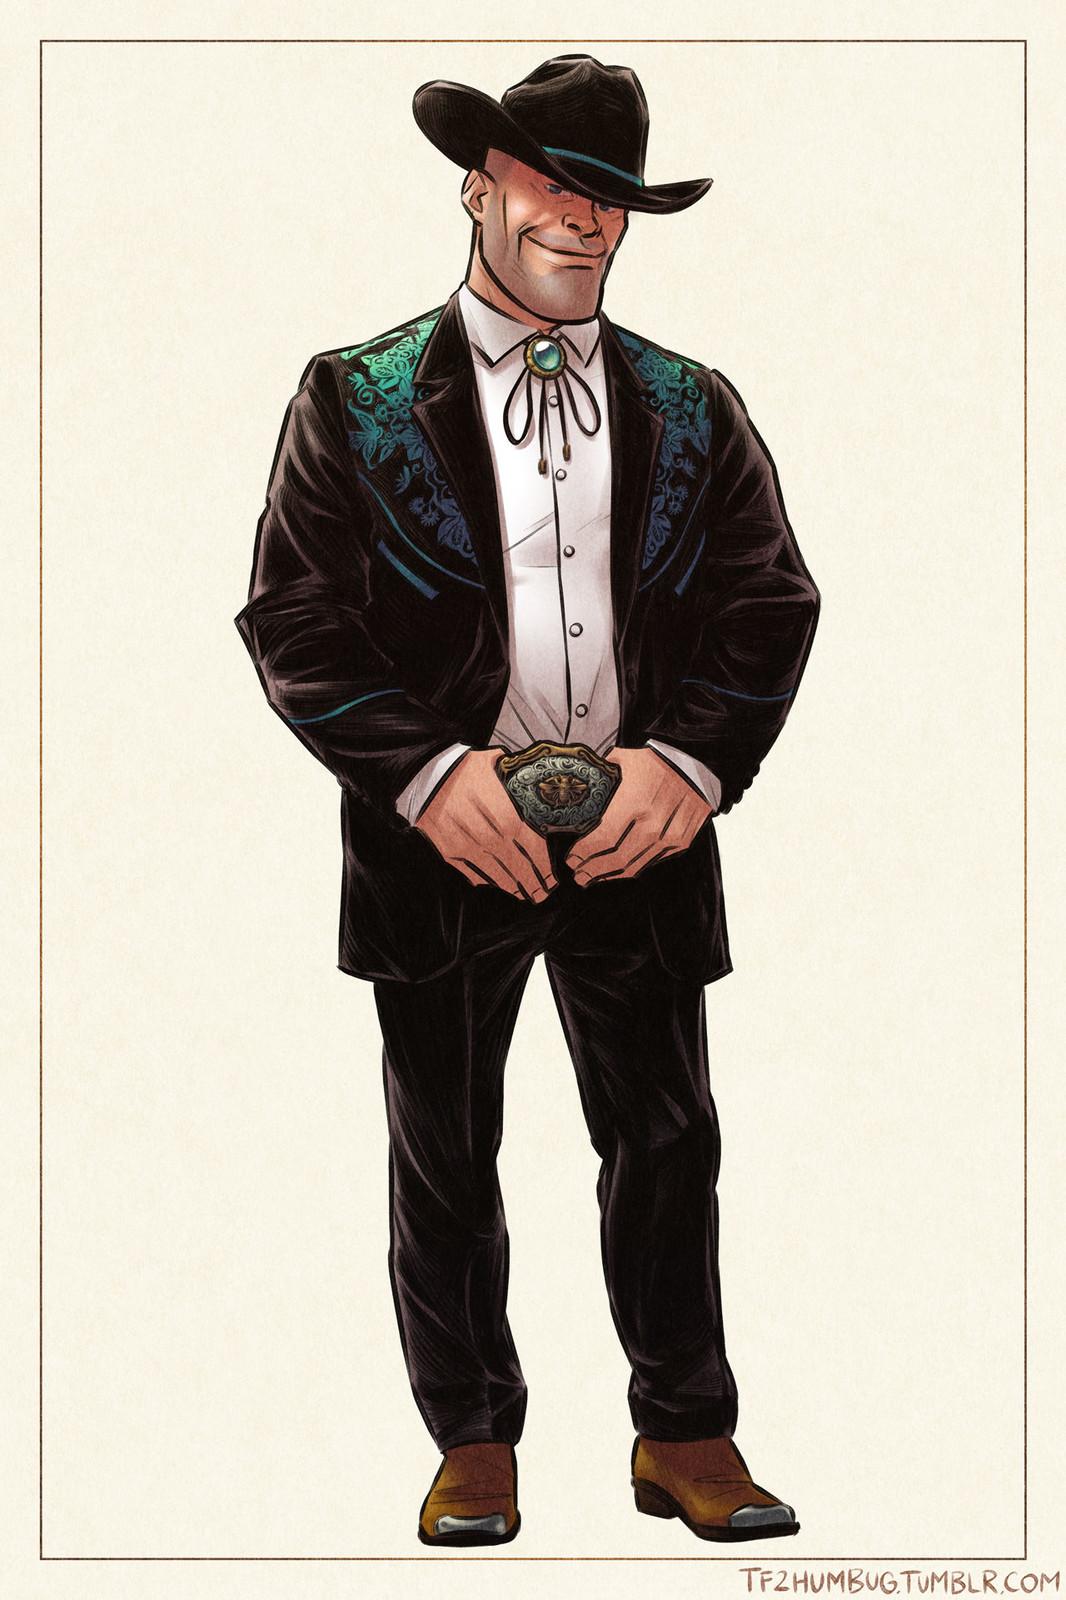 Engineer in a Western tuxedo